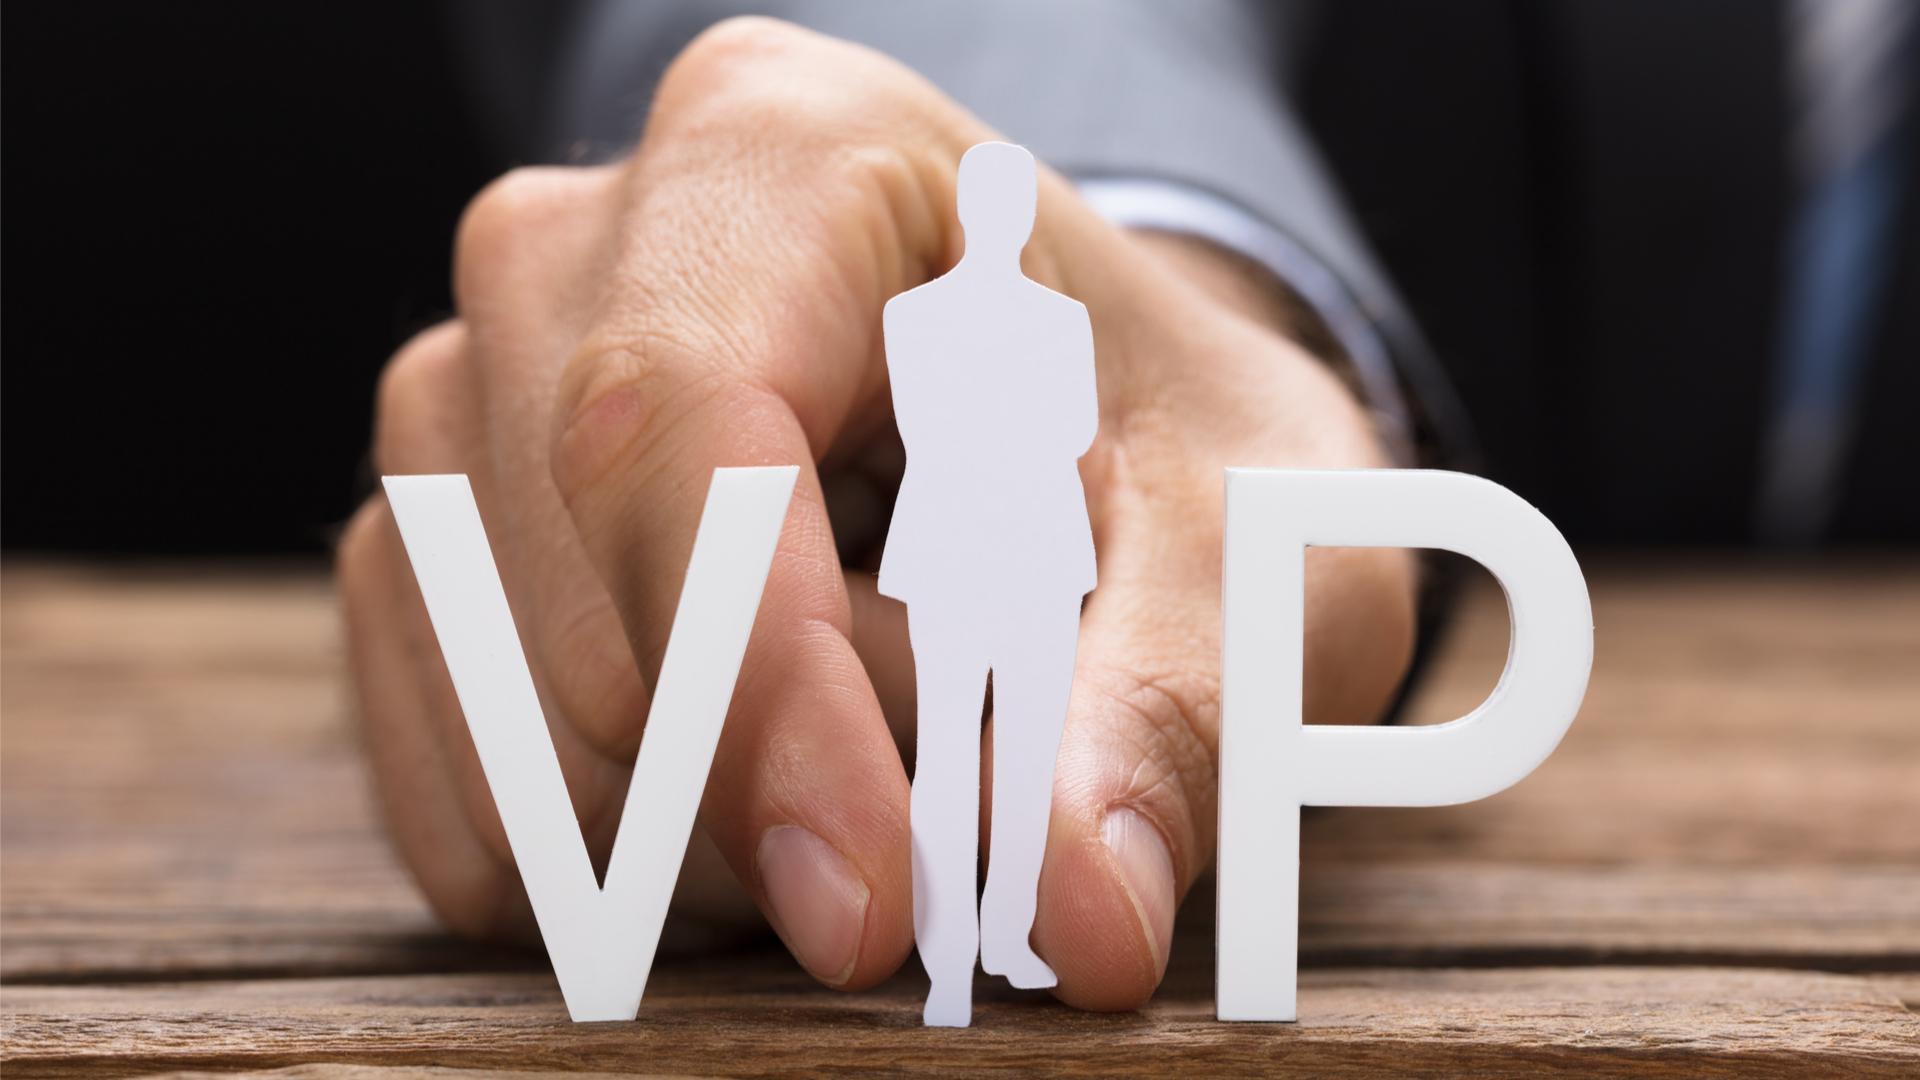 Undichter Darm: VIP-Zugang für chronische Erkrankungen